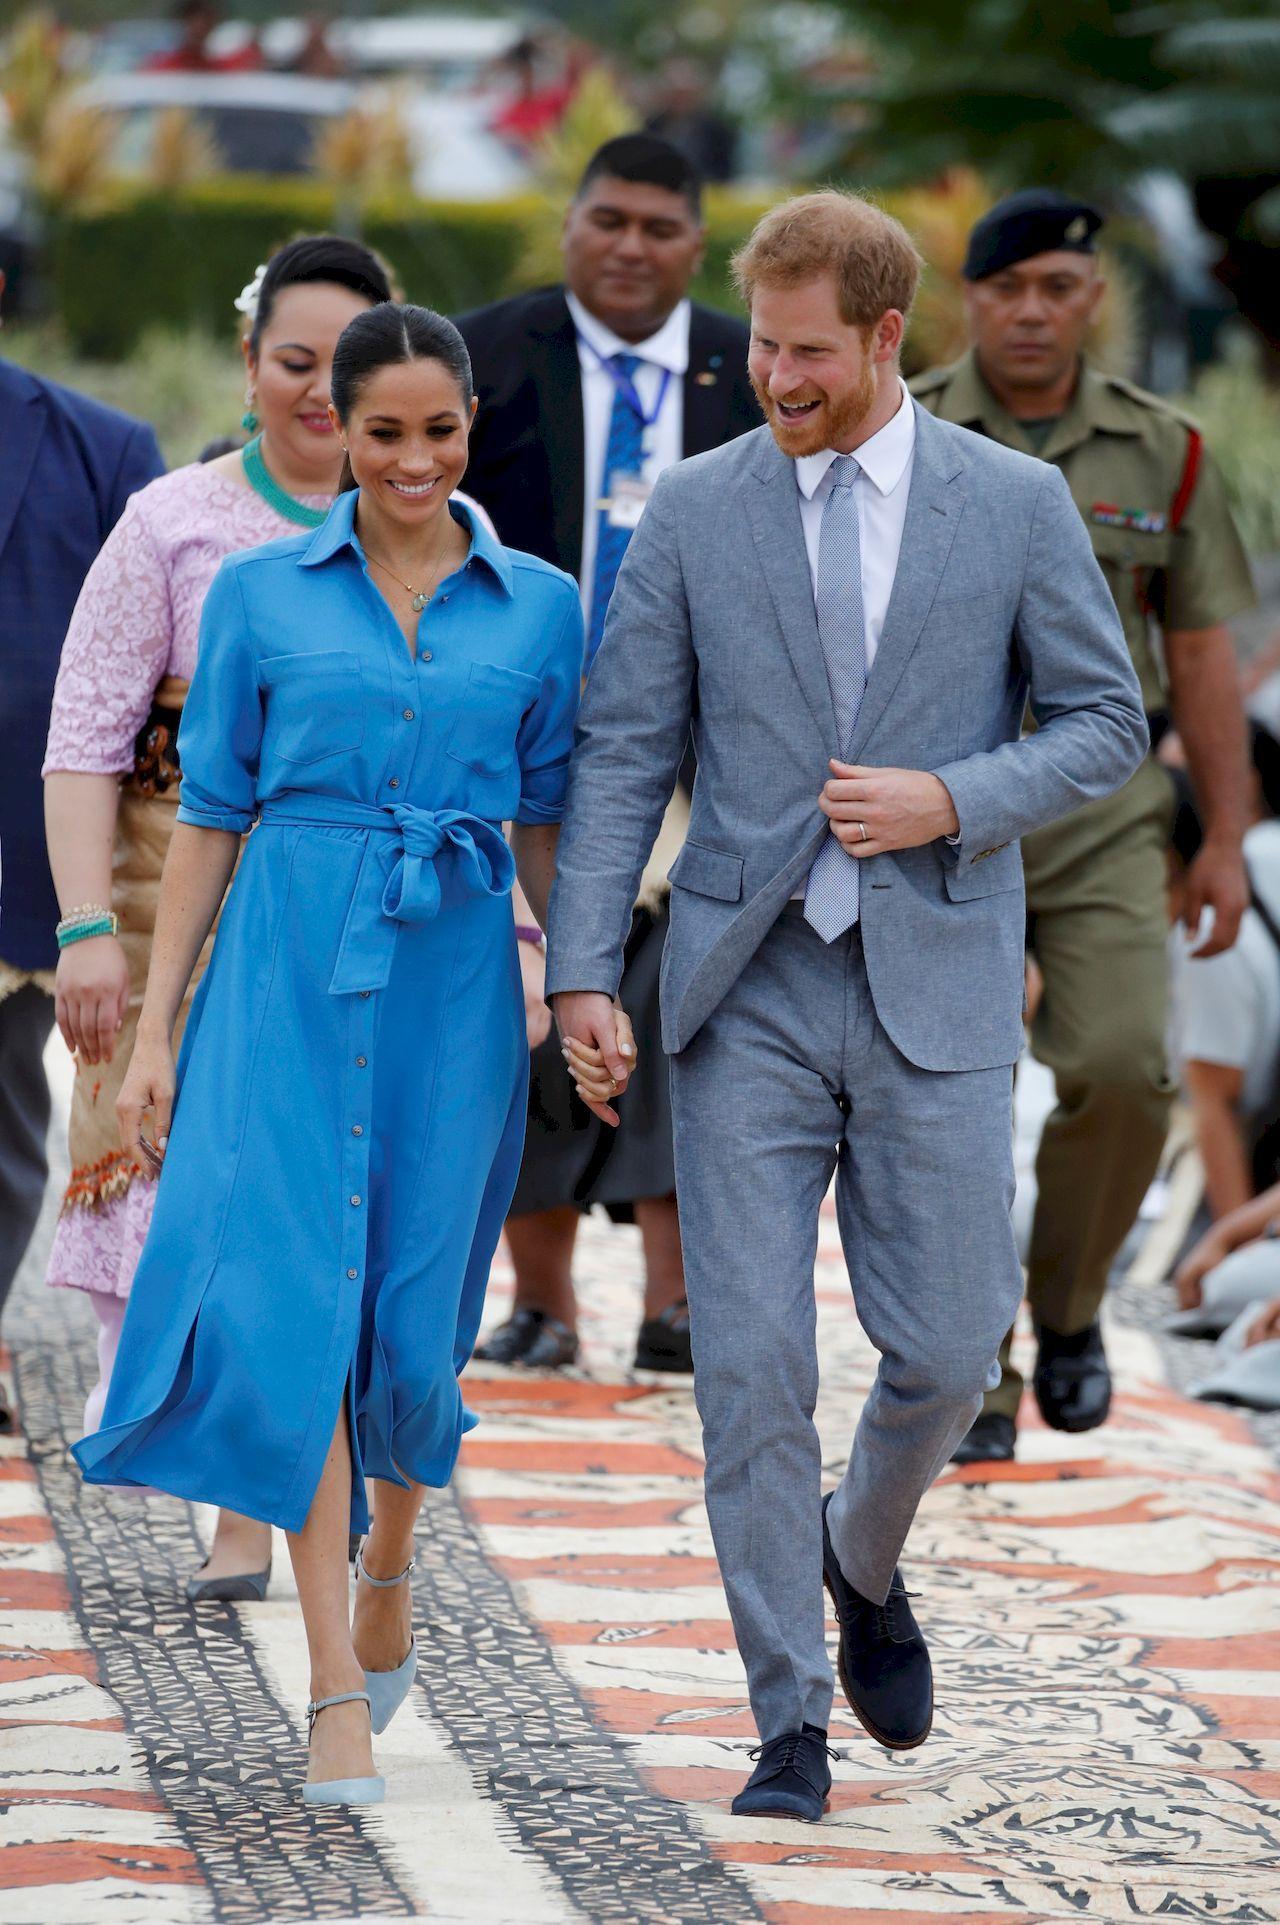 Książę Harry Meghan Markle w niebieskiej sukience